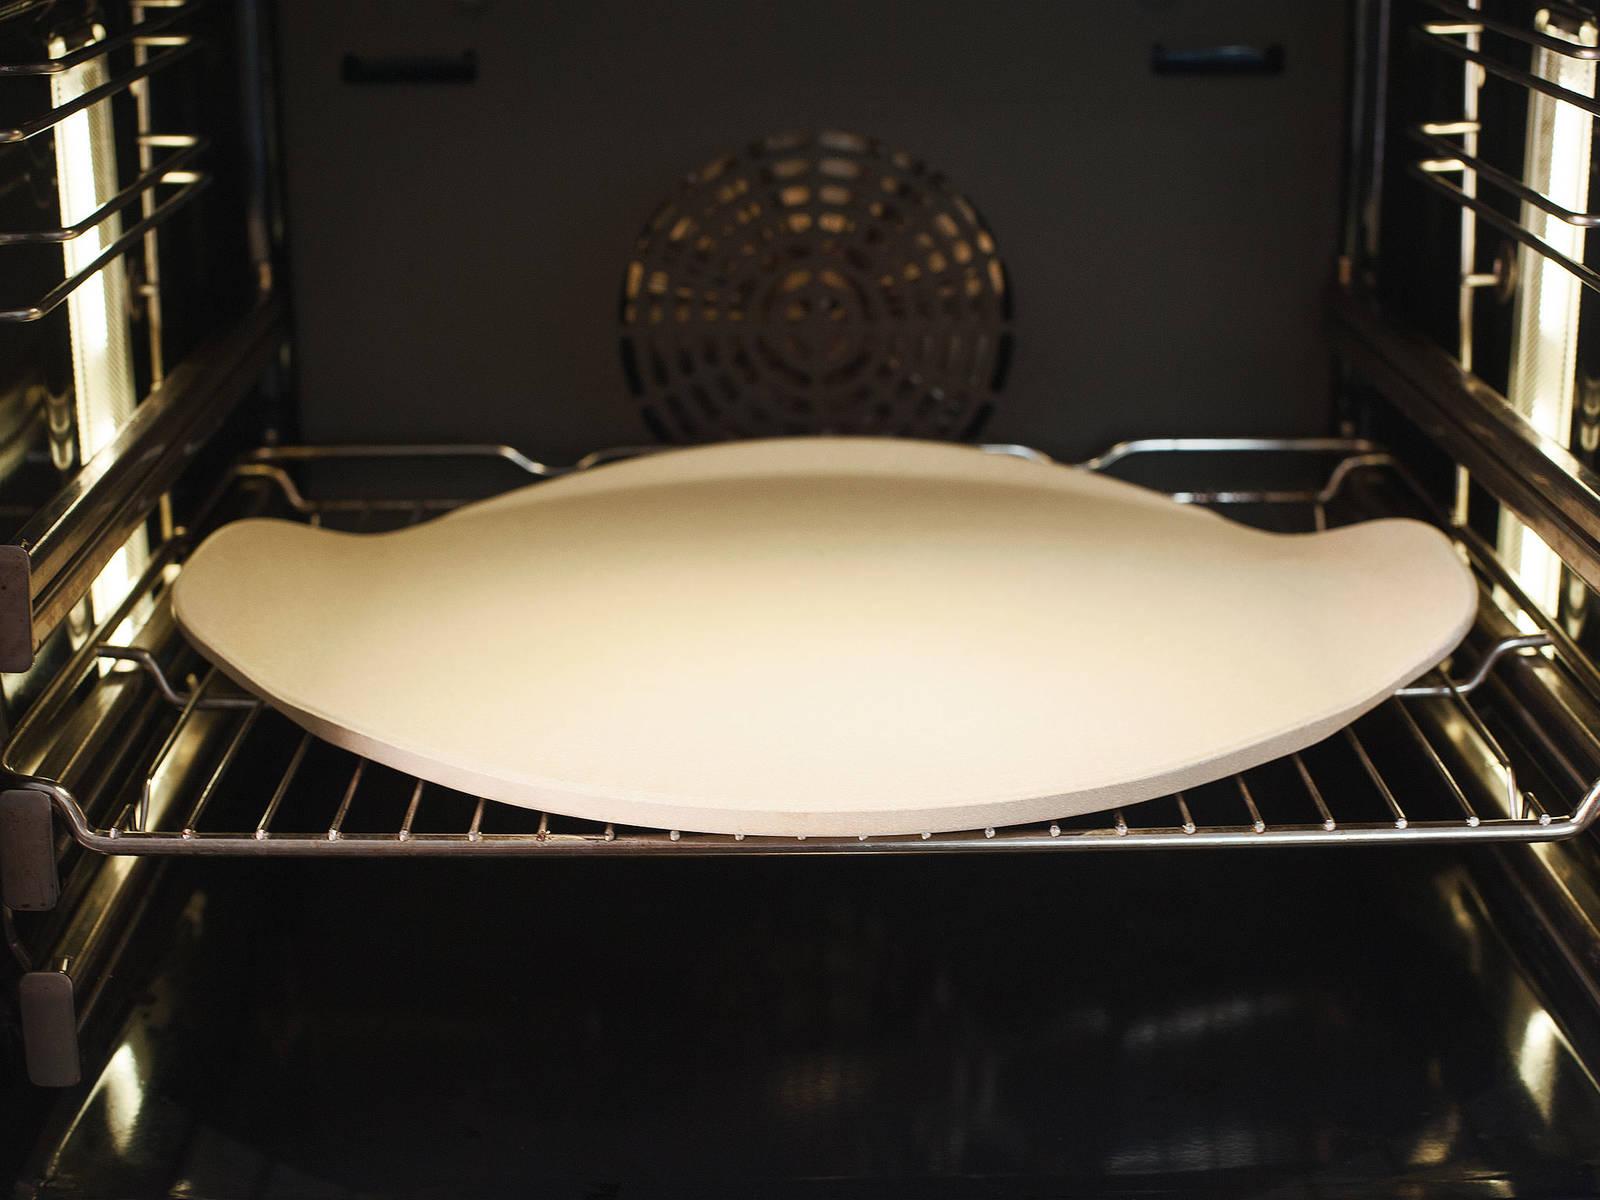 Pizzastein in den kalten Ofen legen und den Ofen auf 250°C vorheizen.